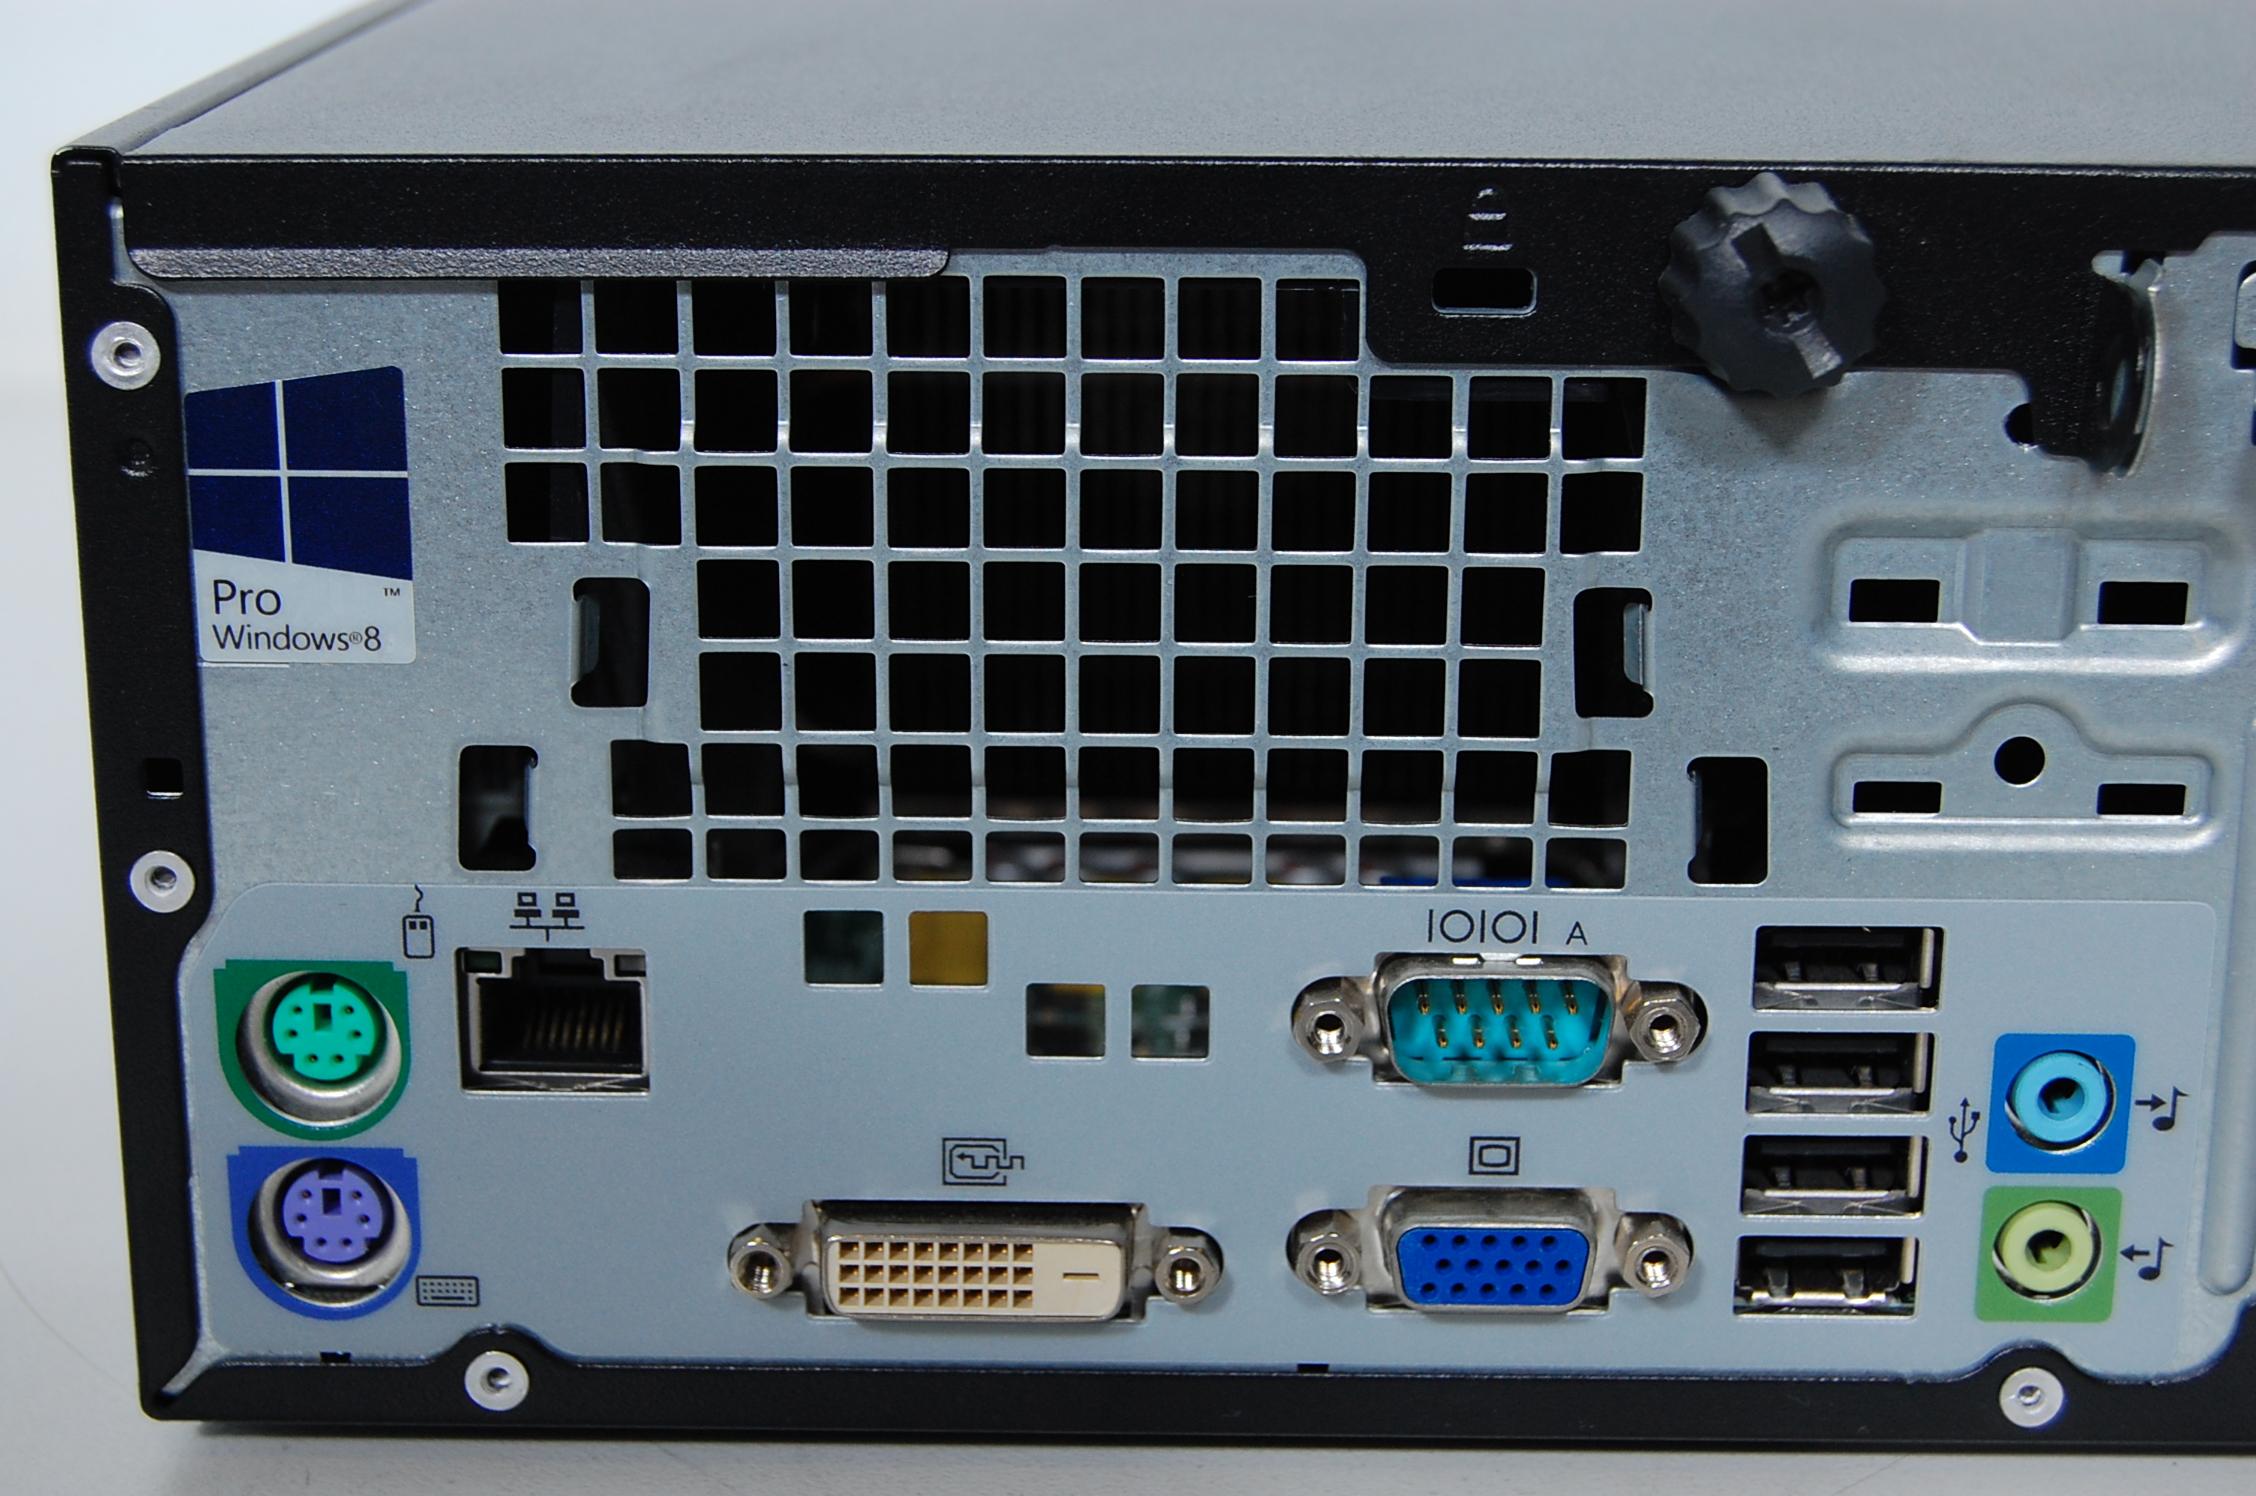 Hp Prodesk 400 G1 Sff Intel I3 4130 340 Ghz 4gb Ram 500gb Hdd Processor Product Description